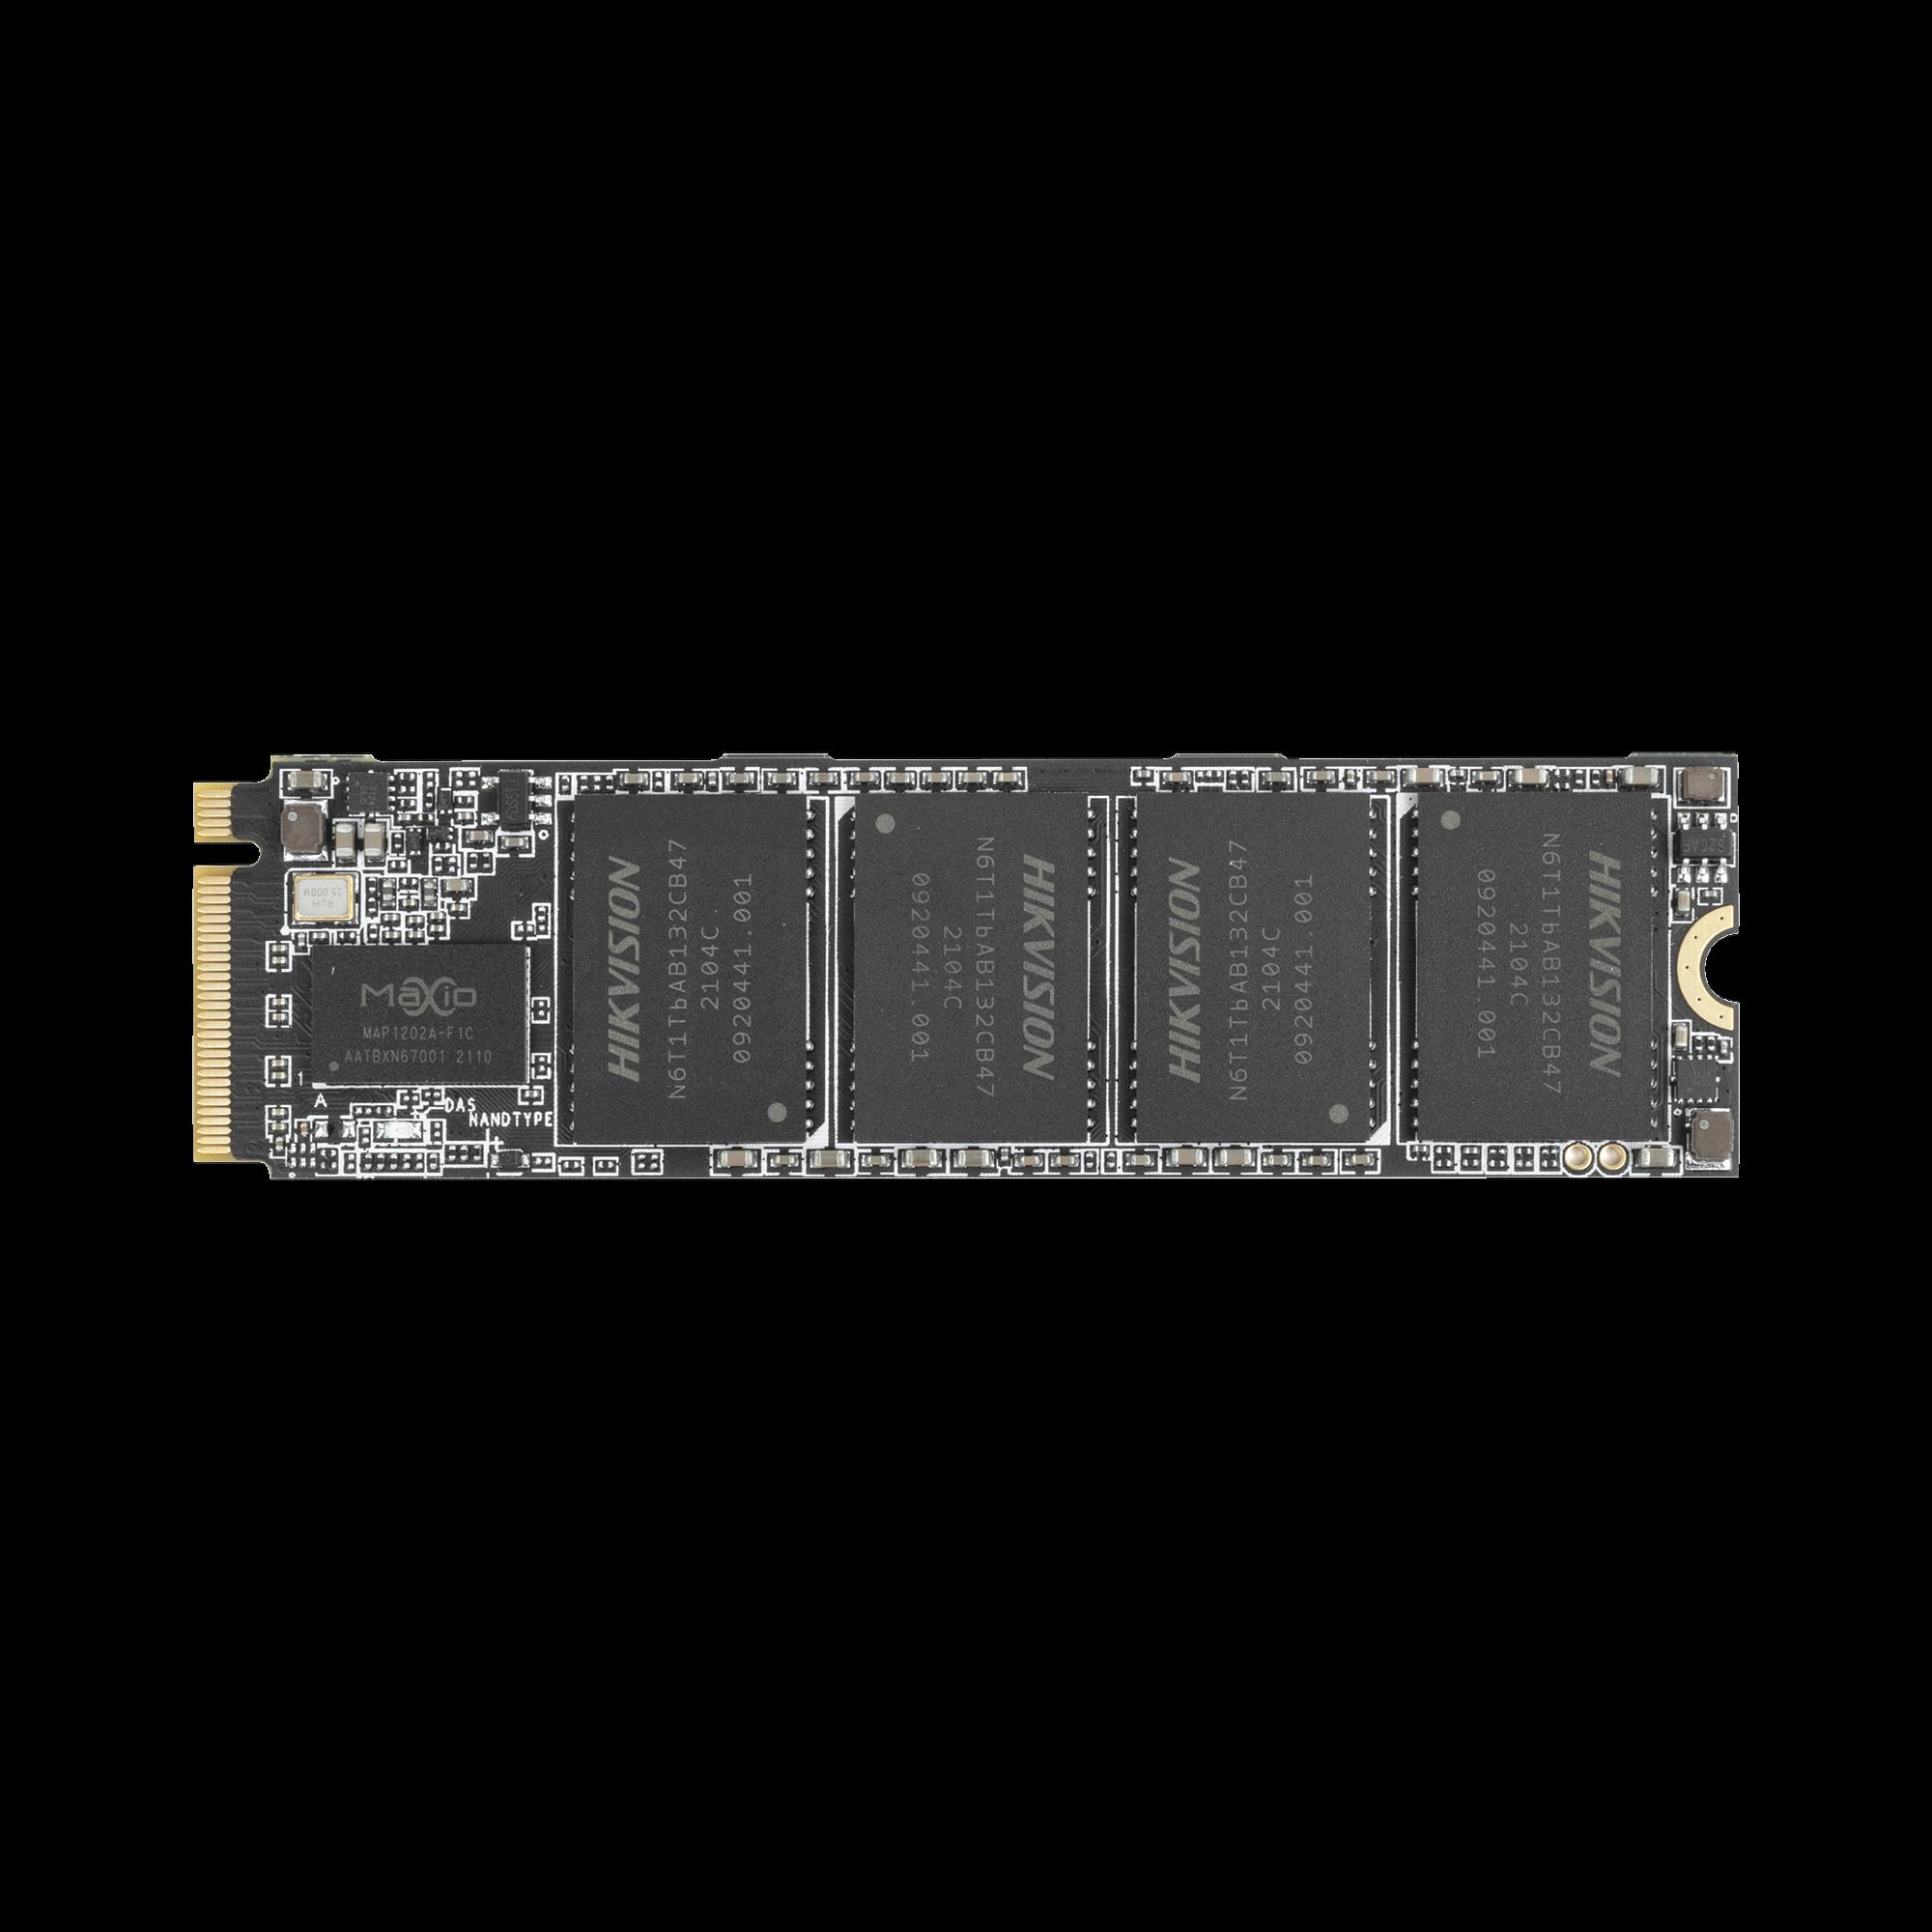 Unidad de Estado Sólido (SSD) 512 GB / PERFORMANCE EXTREMO en Lectura y Escritura/ Hasta 3476 MB/s / M.2 NVMe / Para Gaming y PC Trabajo Pesado